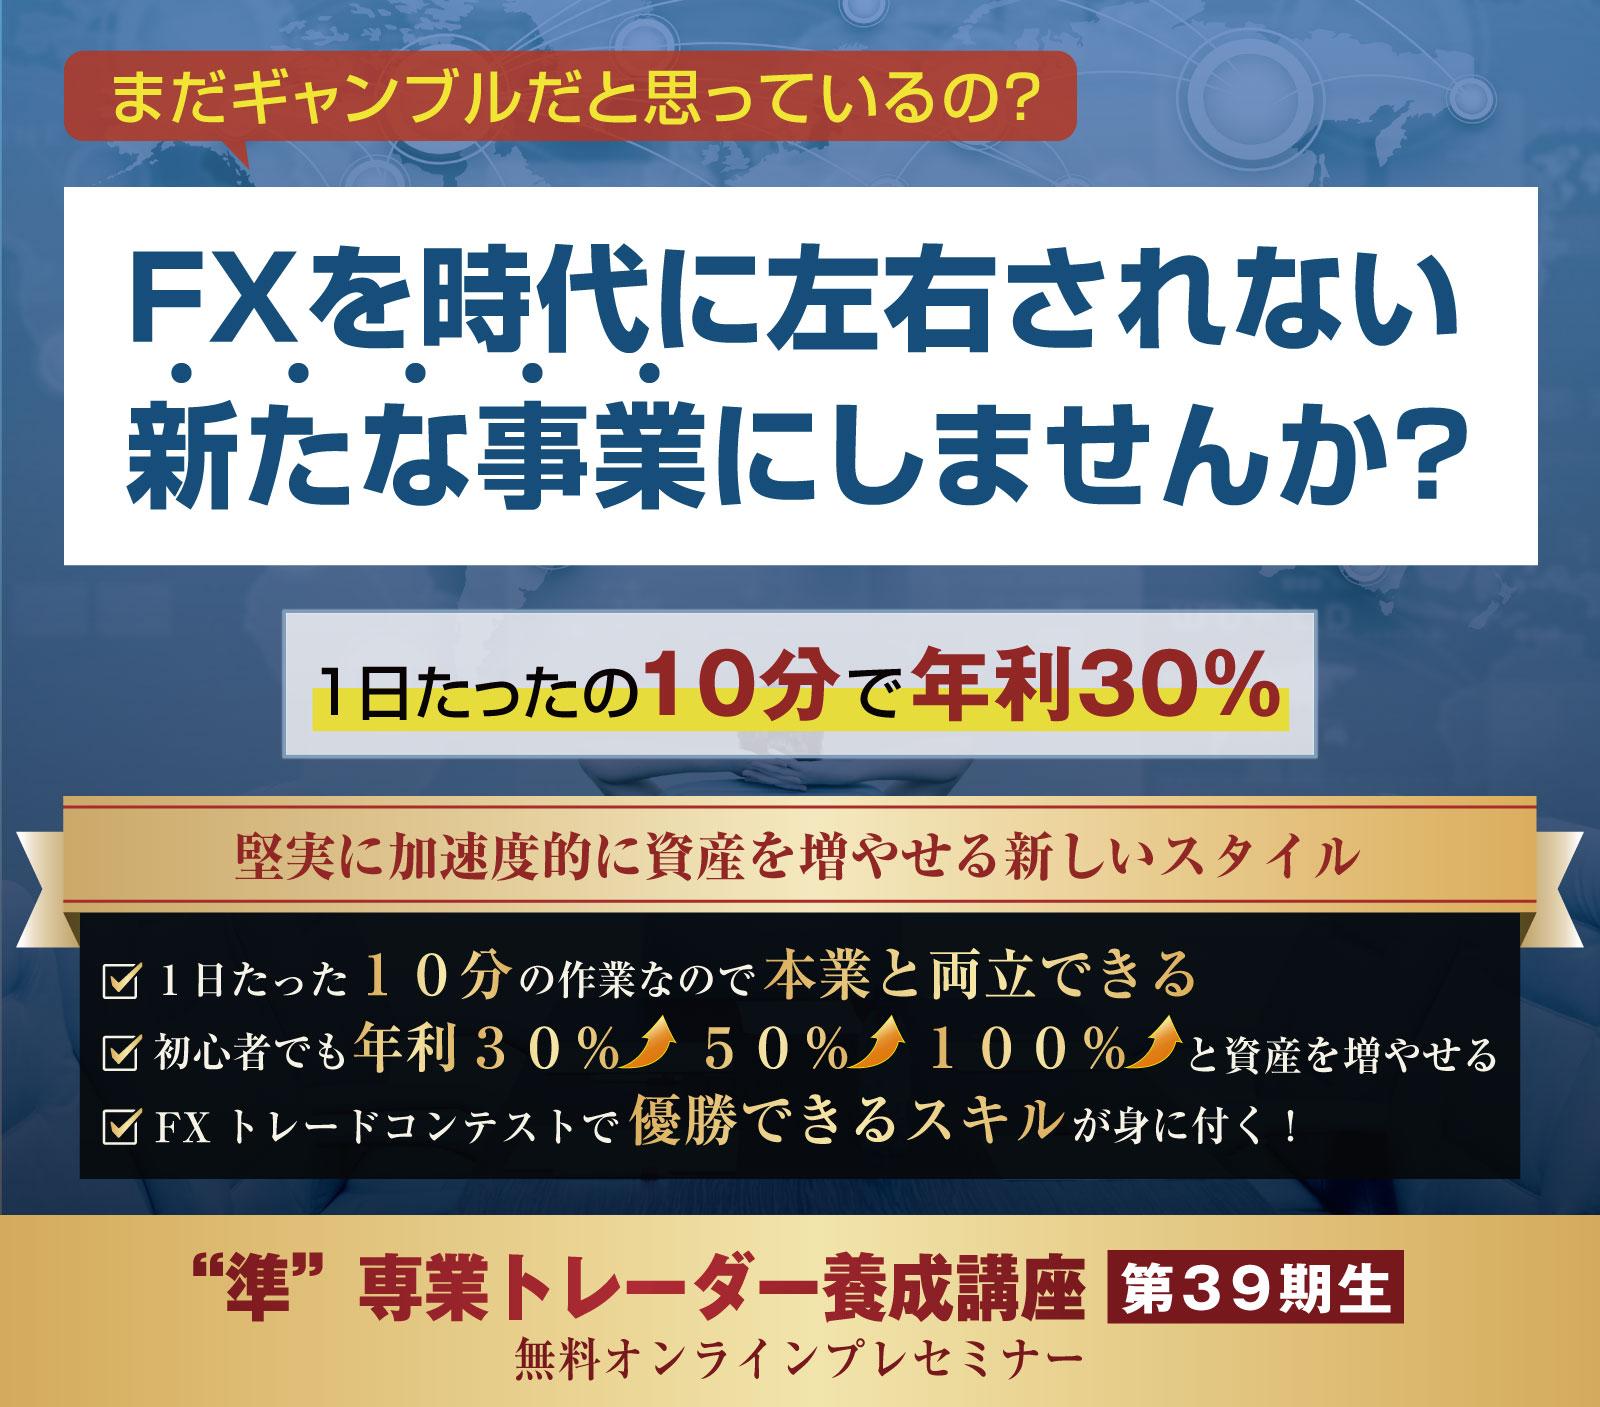 準専業トレーダー養成講座_大阪FX教室